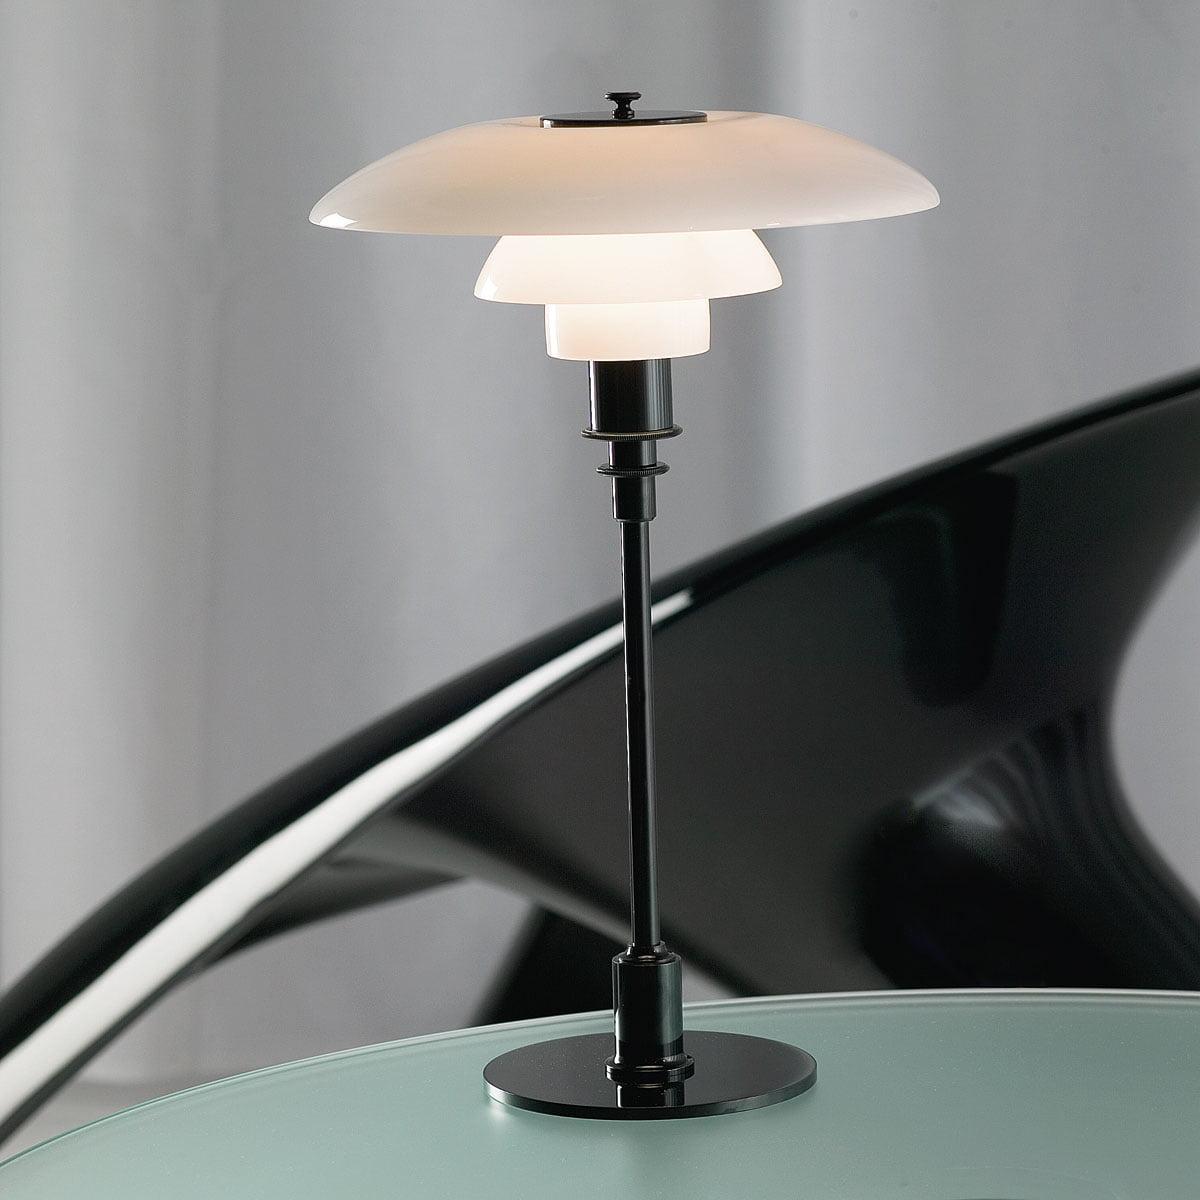 ph 3 2 table lamp louis poulsen shop. Black Bedroom Furniture Sets. Home Design Ideas